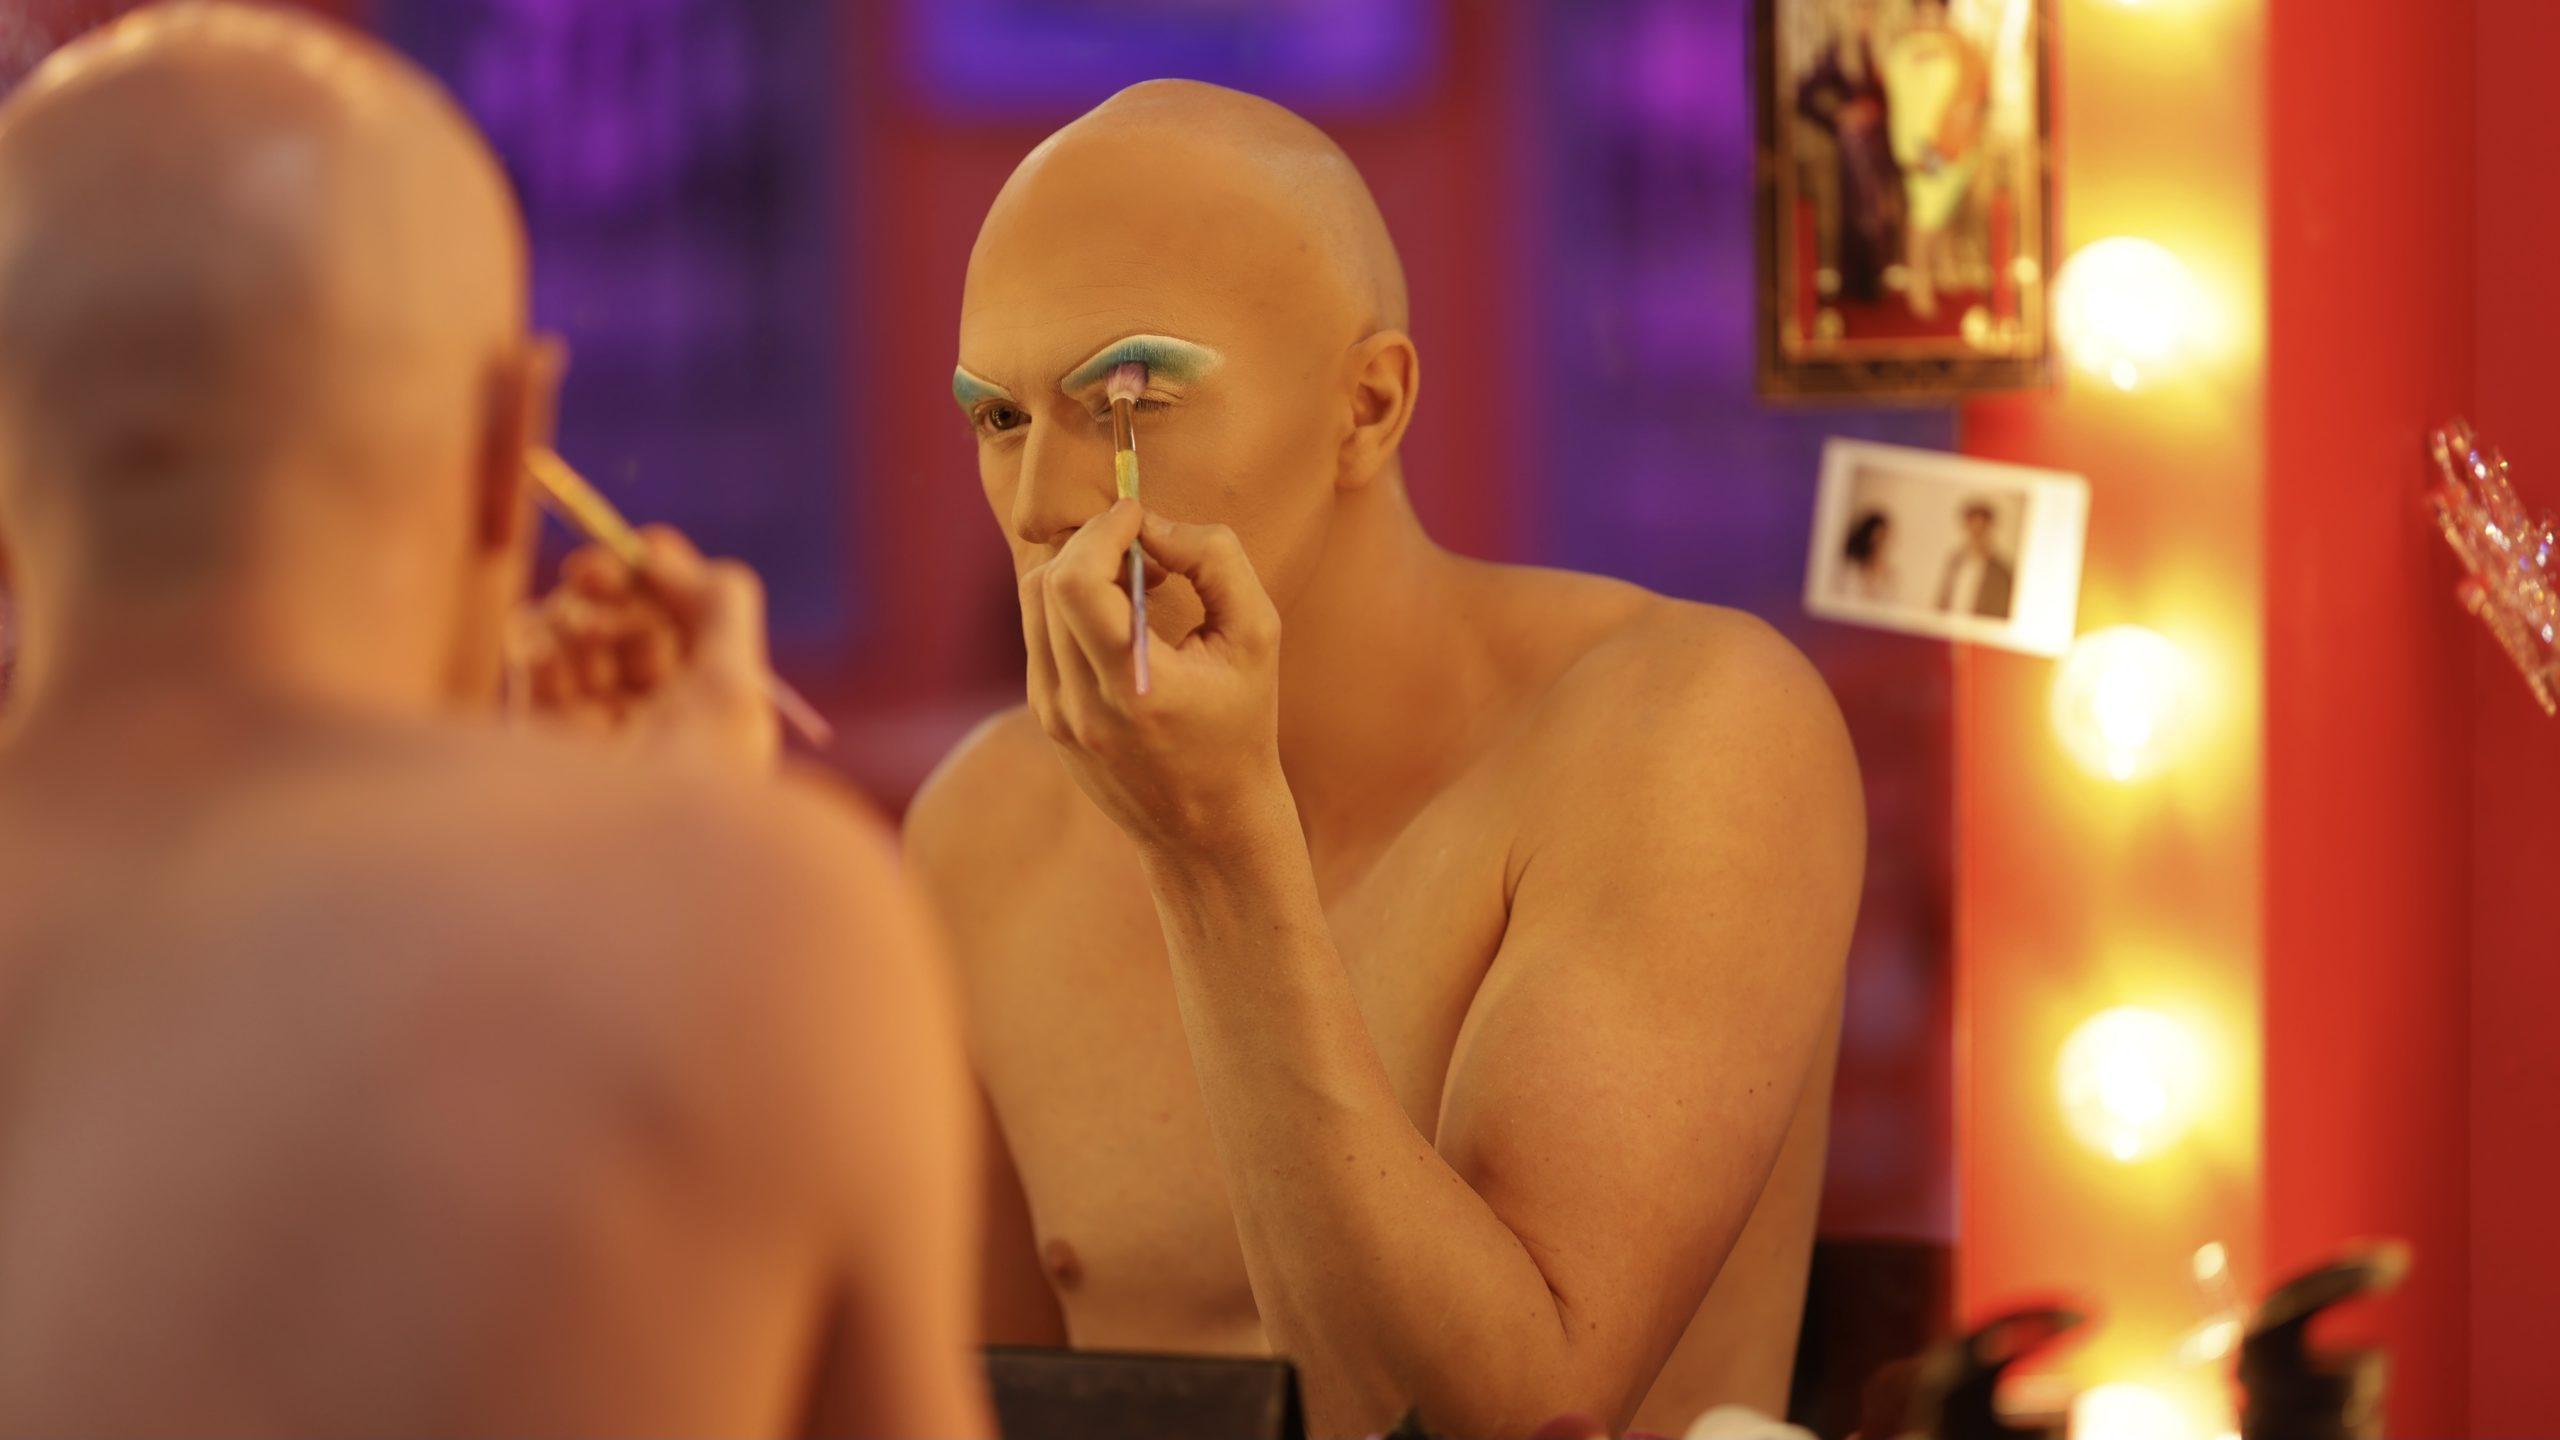 Cena de Drag Race Down Under, com a drag queen Elektra Schock desmontada, e se maquiando. Ela é careca, branca e está sem camisa, desenhando uma sobrancelha azul acima do olho.